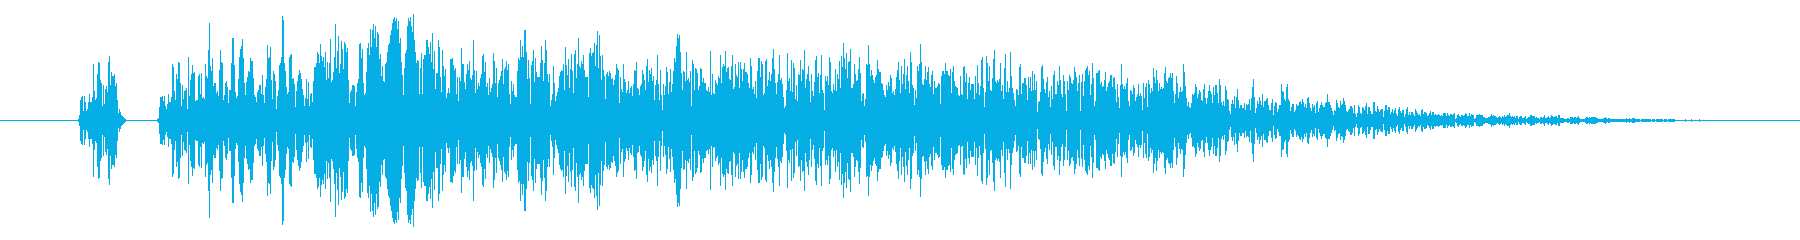 【打撃音06】パンチやキックに最適です!の再生済みの波形